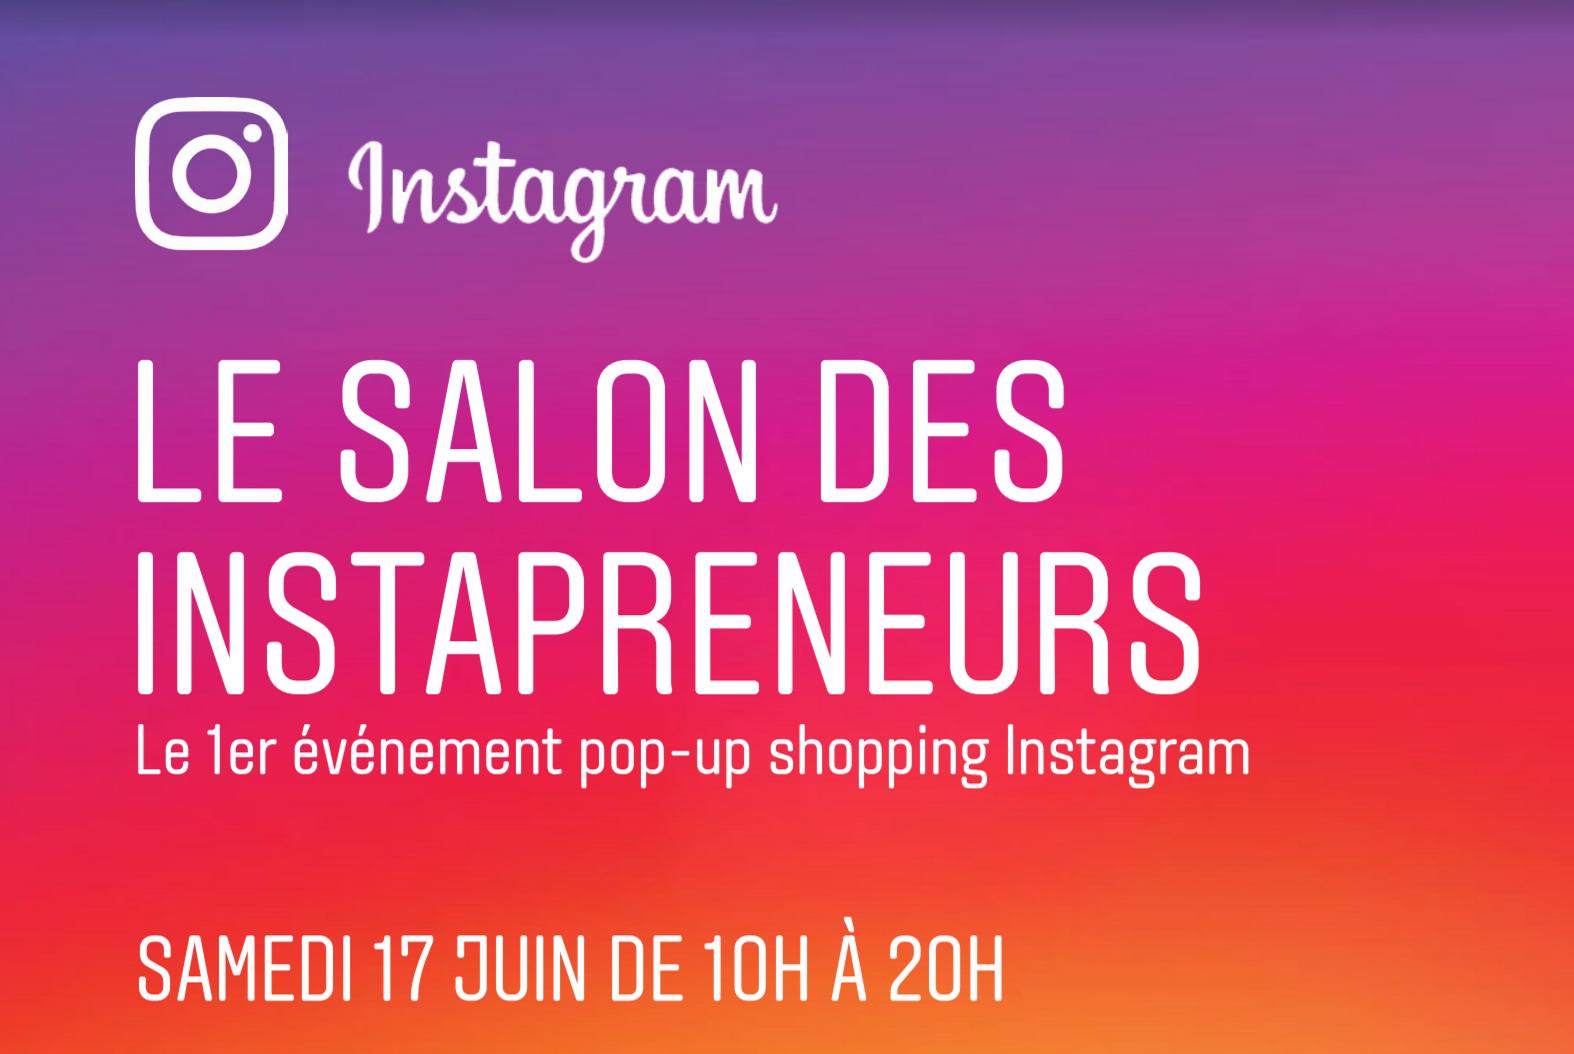 Instagram inaugure le tout premier salon des instapreneurs for Salon youtubeuse